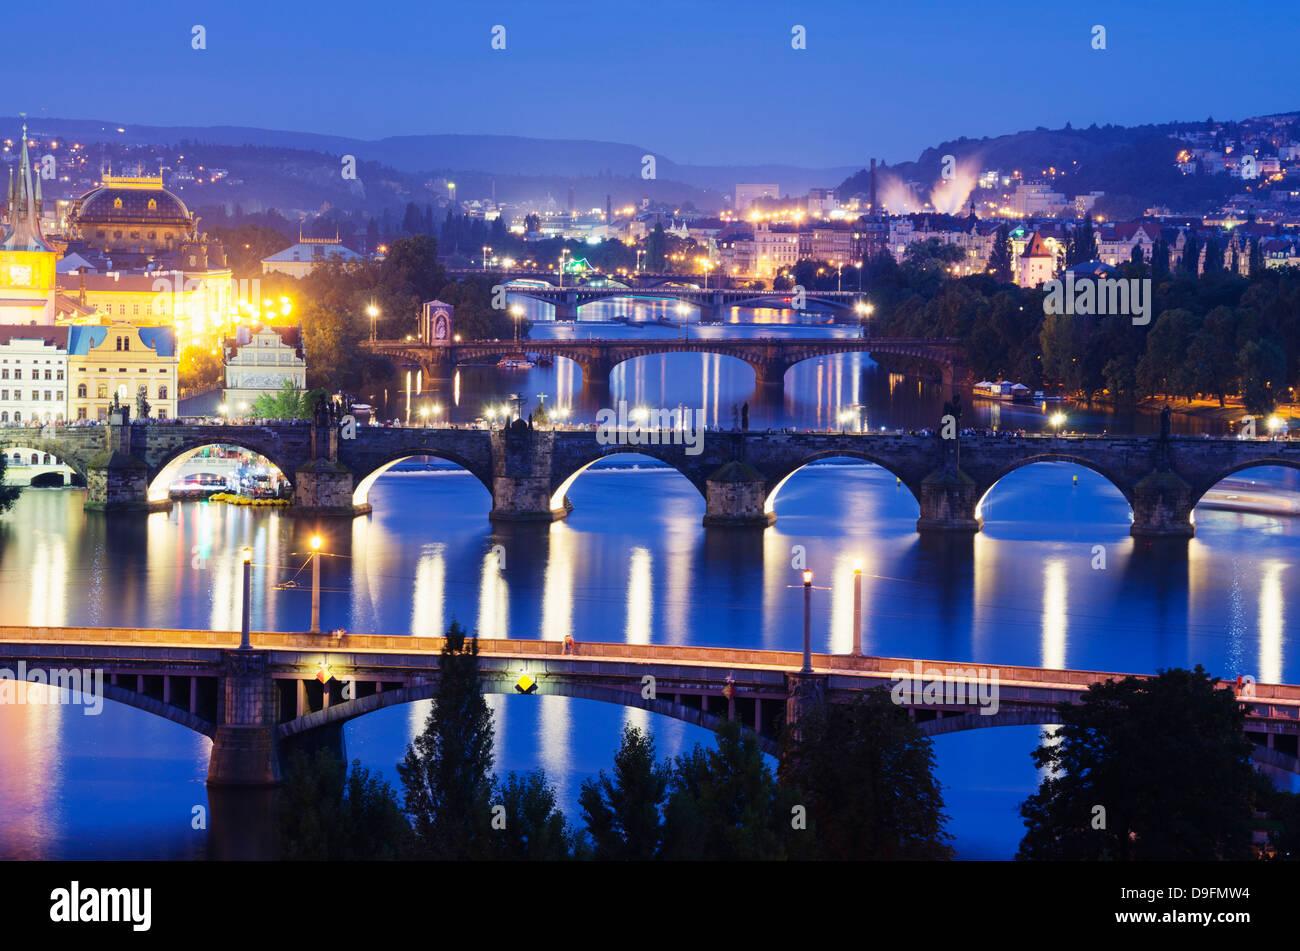 Brücken auf der Vltava (Moldau), UNESCO-Weltkulturerbe, Prag, Tschechische Republik Stockfoto